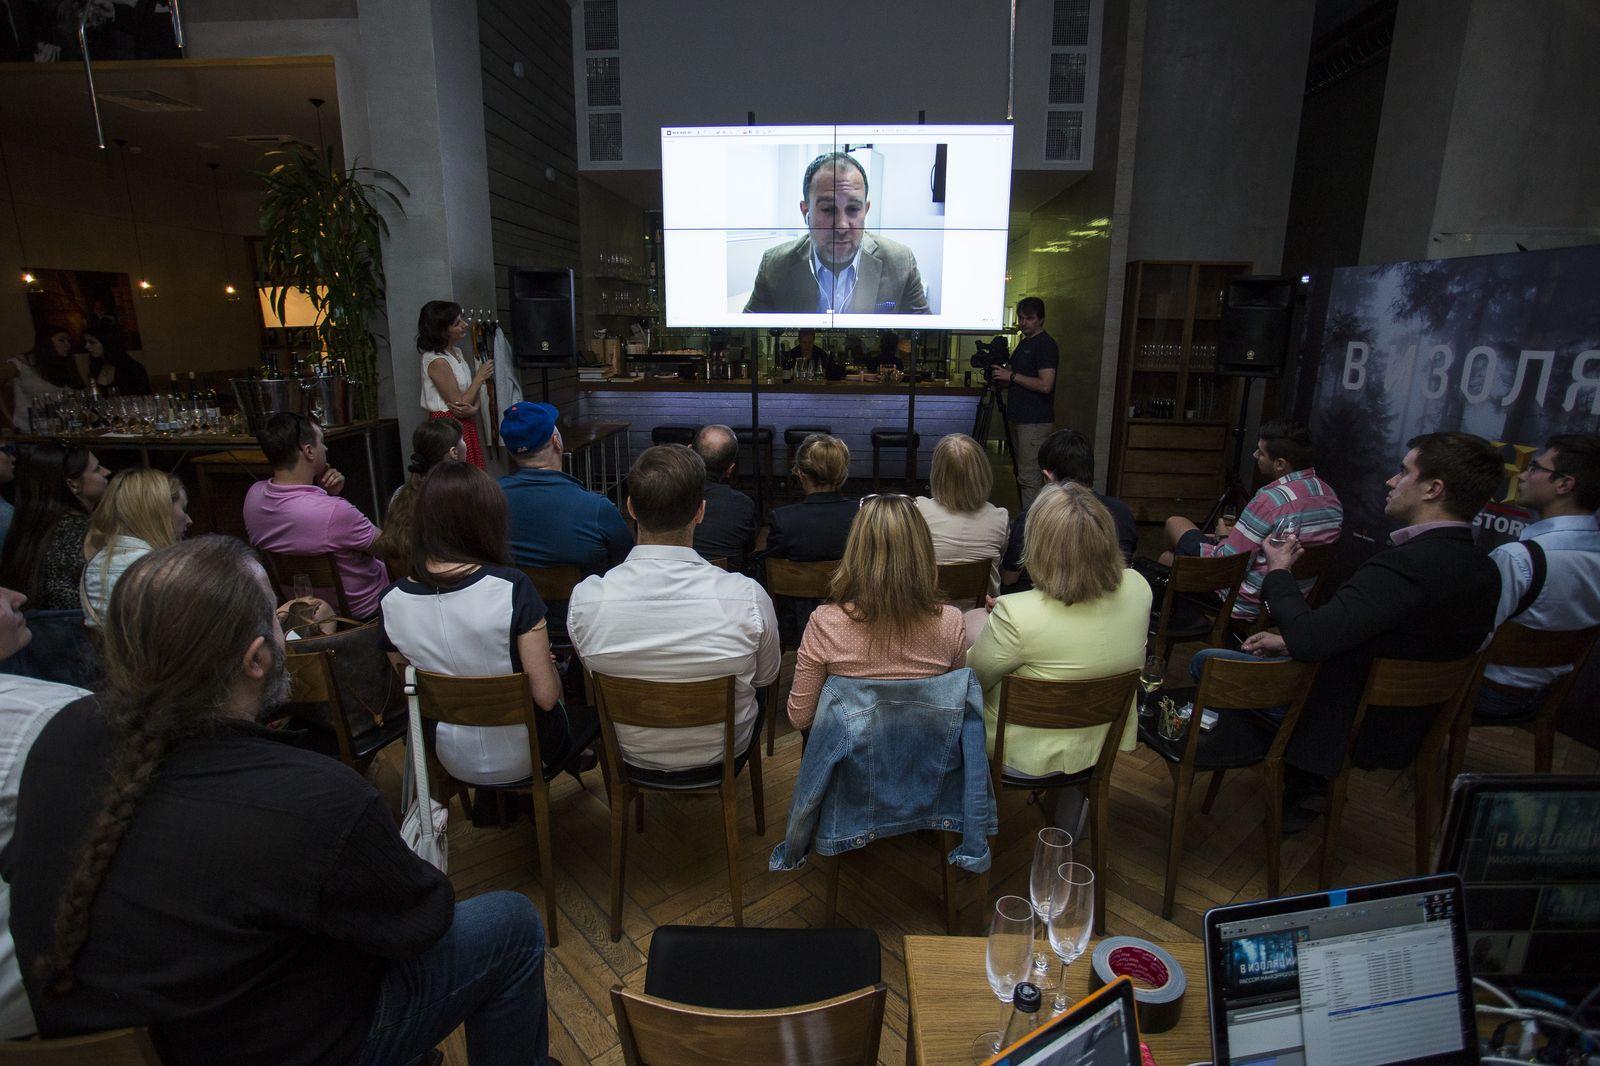 Телевизионный канал HISTORY пригласил гостей « Афимолл Сити» провести день « В=изоляции»